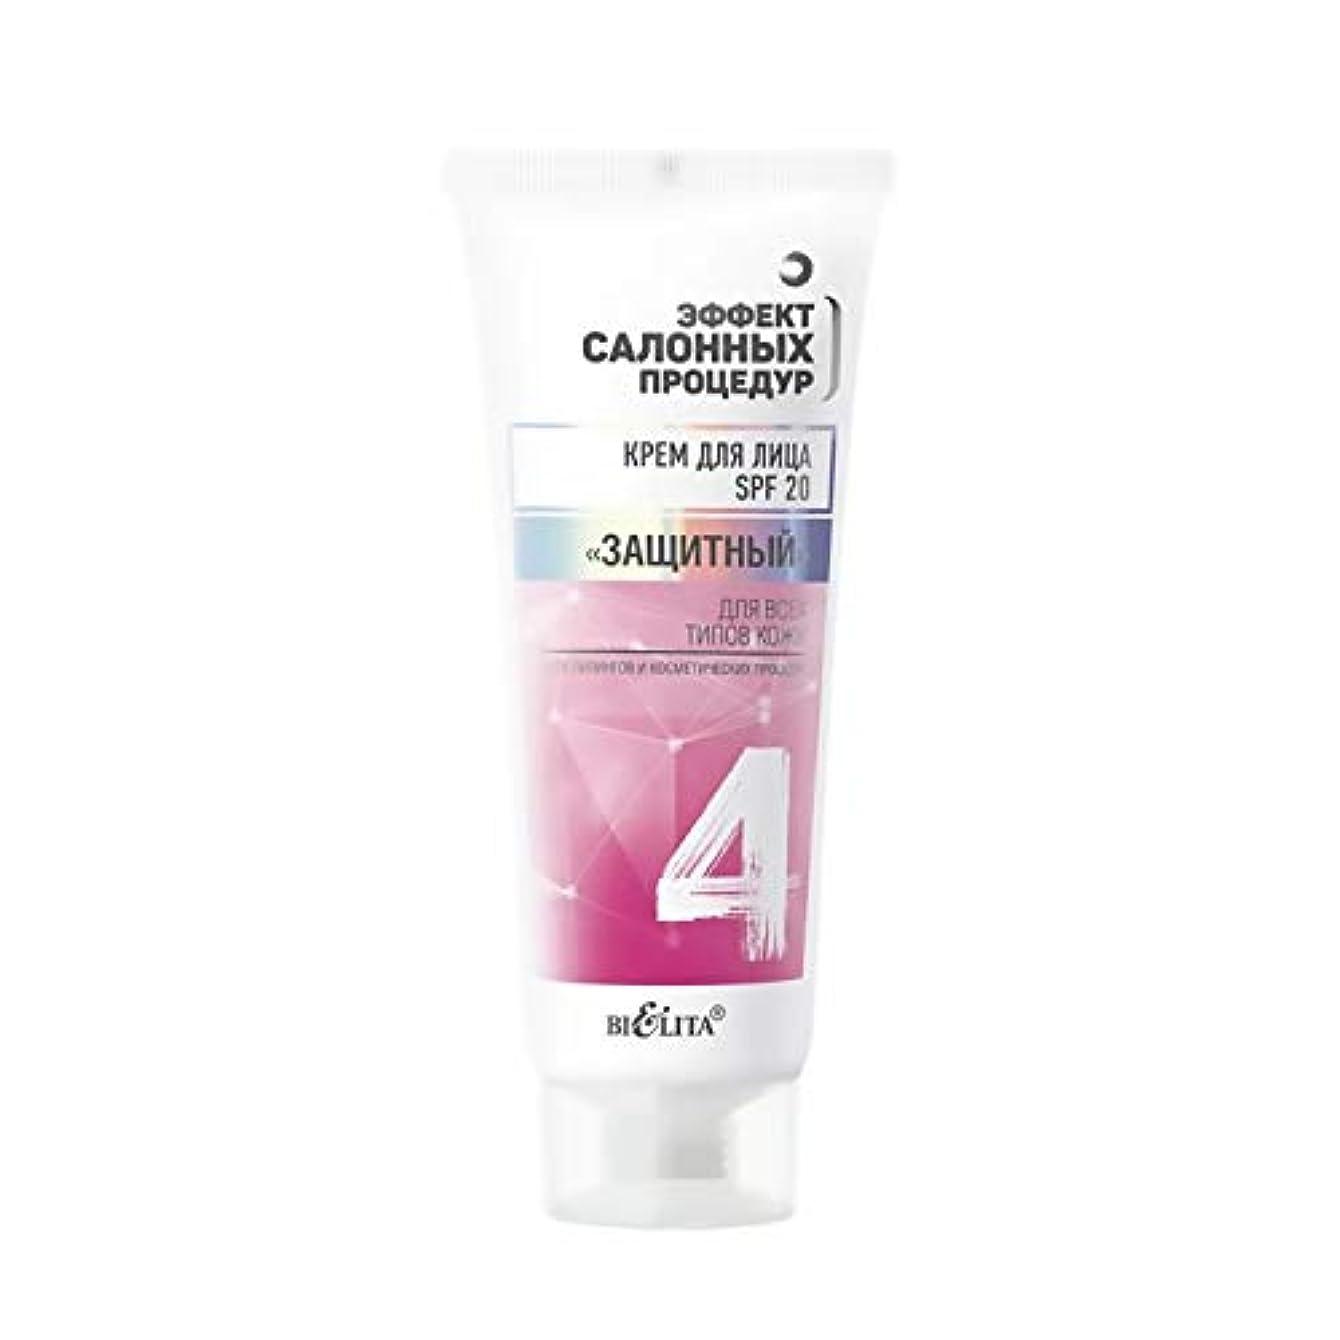 偽発掘硬化するBielita & Vitex Effect Of Salon Procedures Line | Face Cream SPF 20